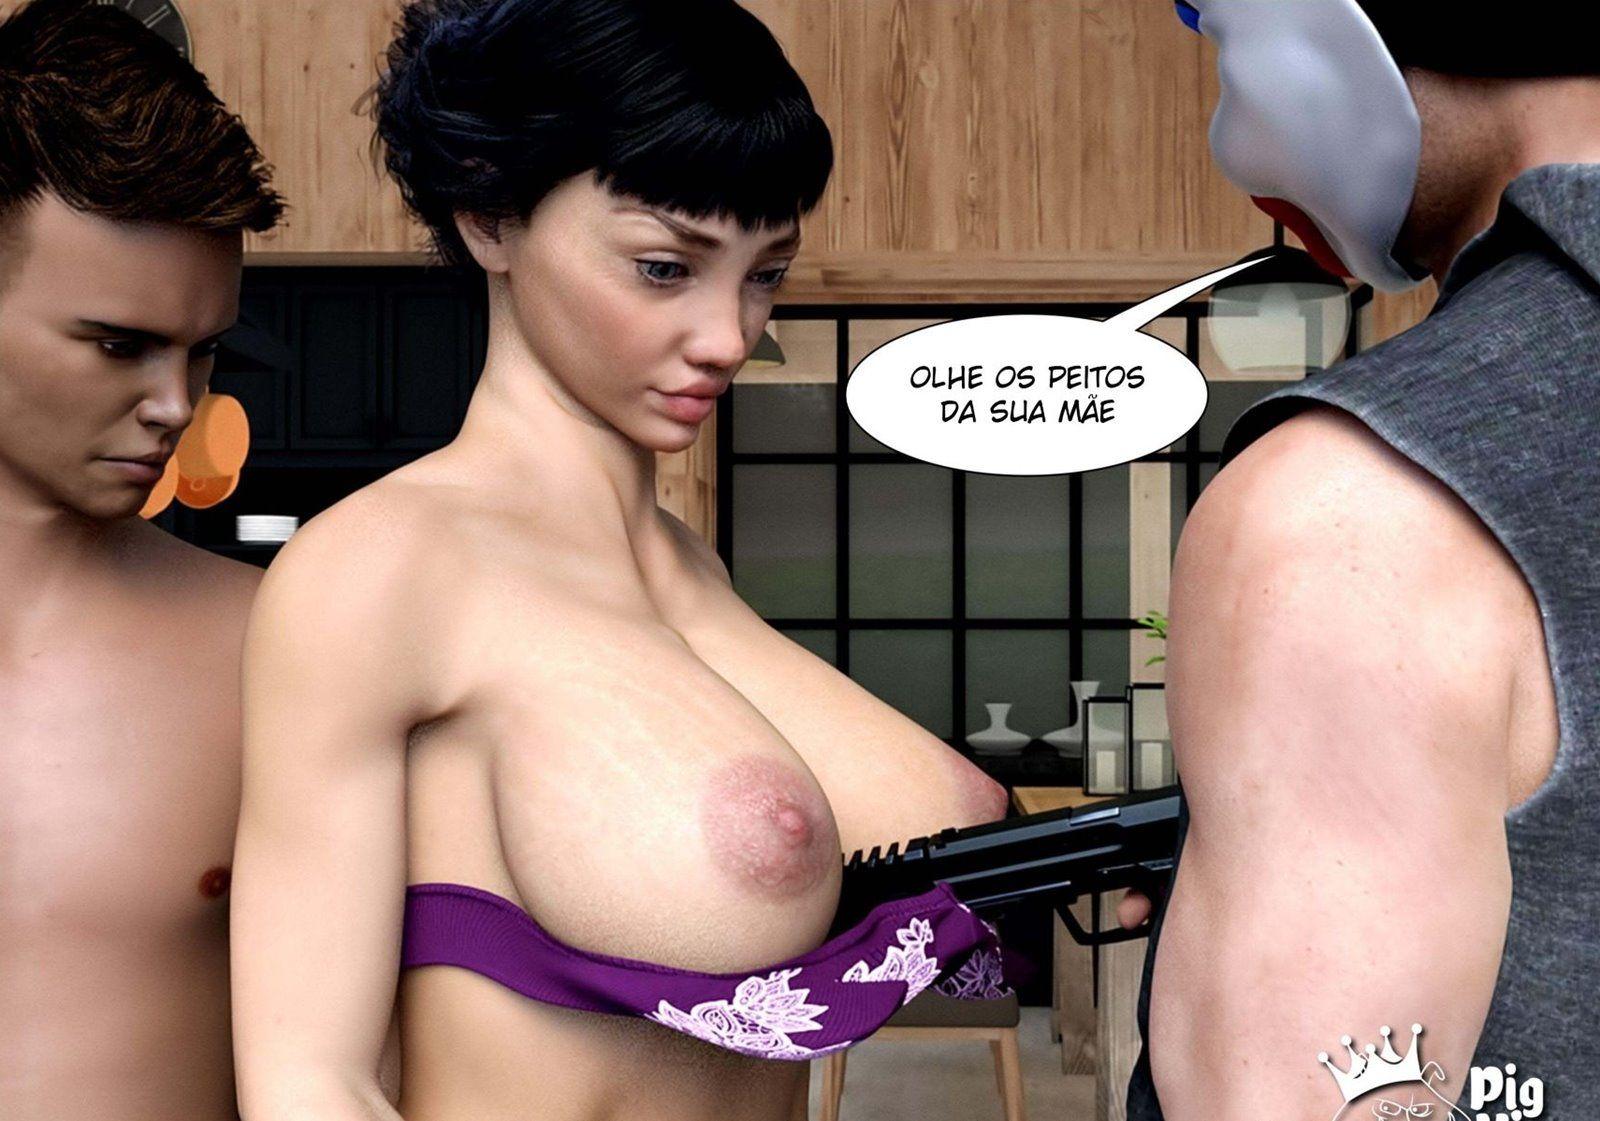 quadrinhos eróticos sem saída 24